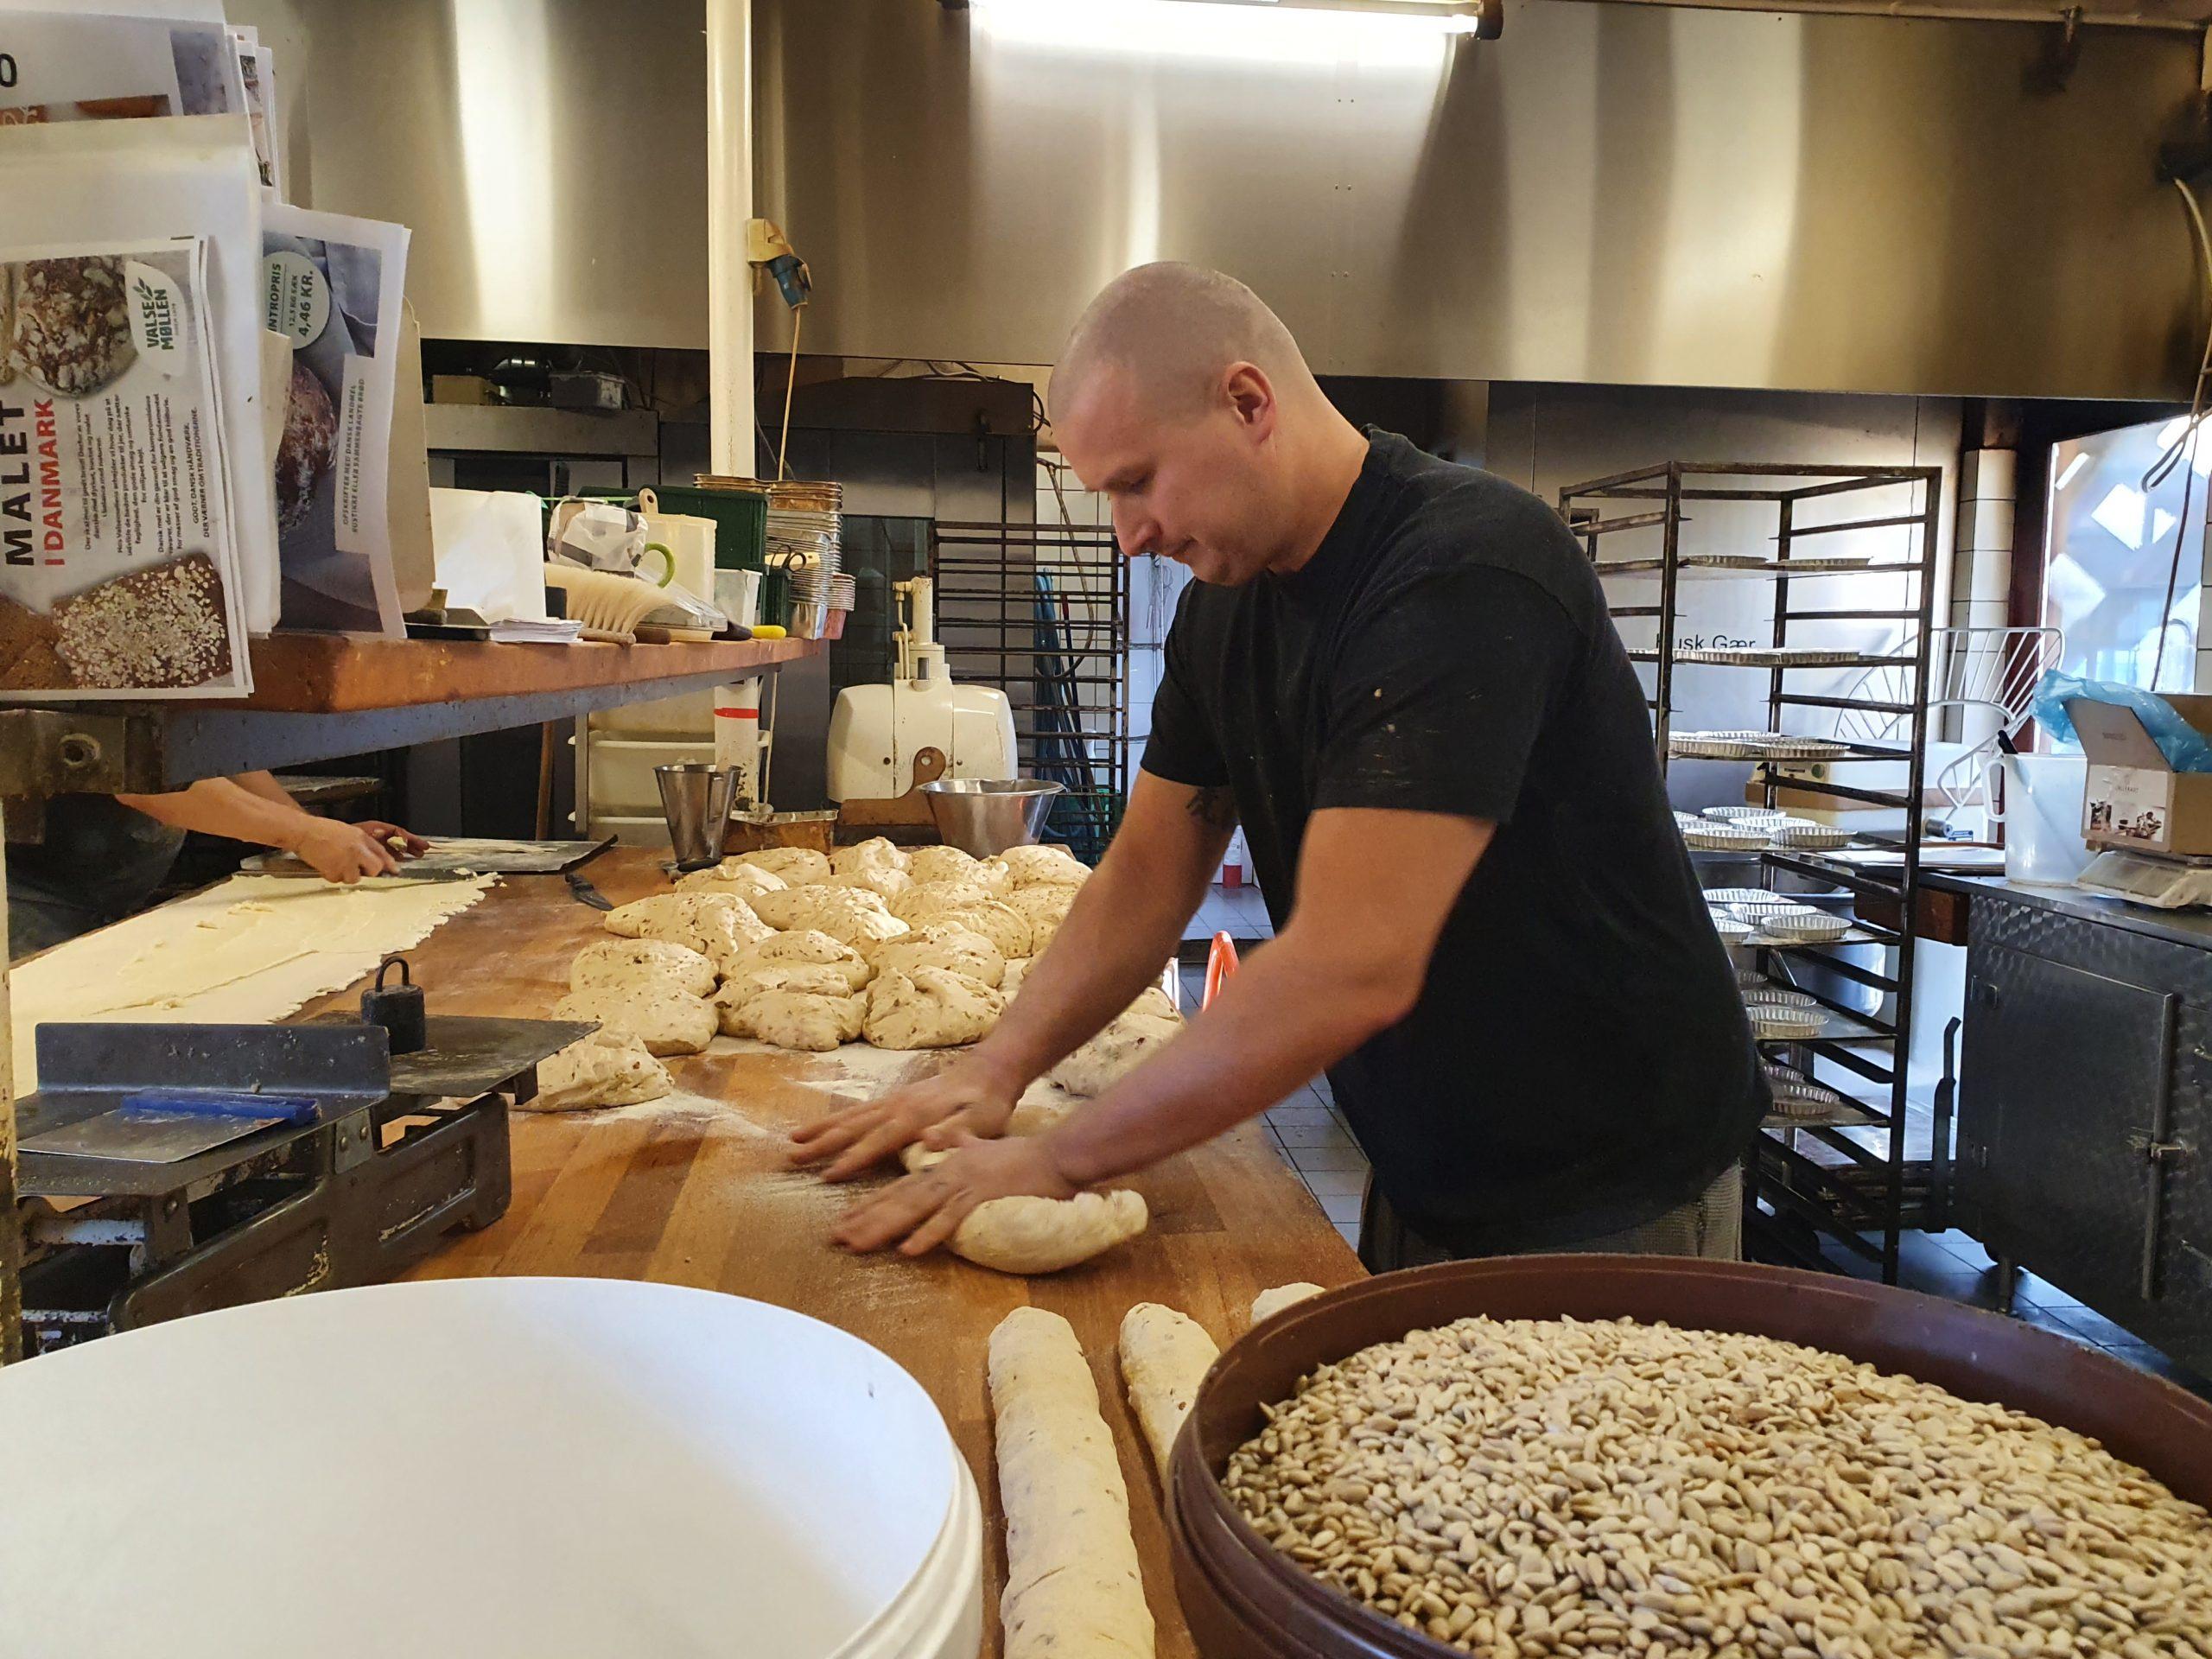 Ganløse Bageri i tæt opløb om at blive Danmarks Bedste Bageri